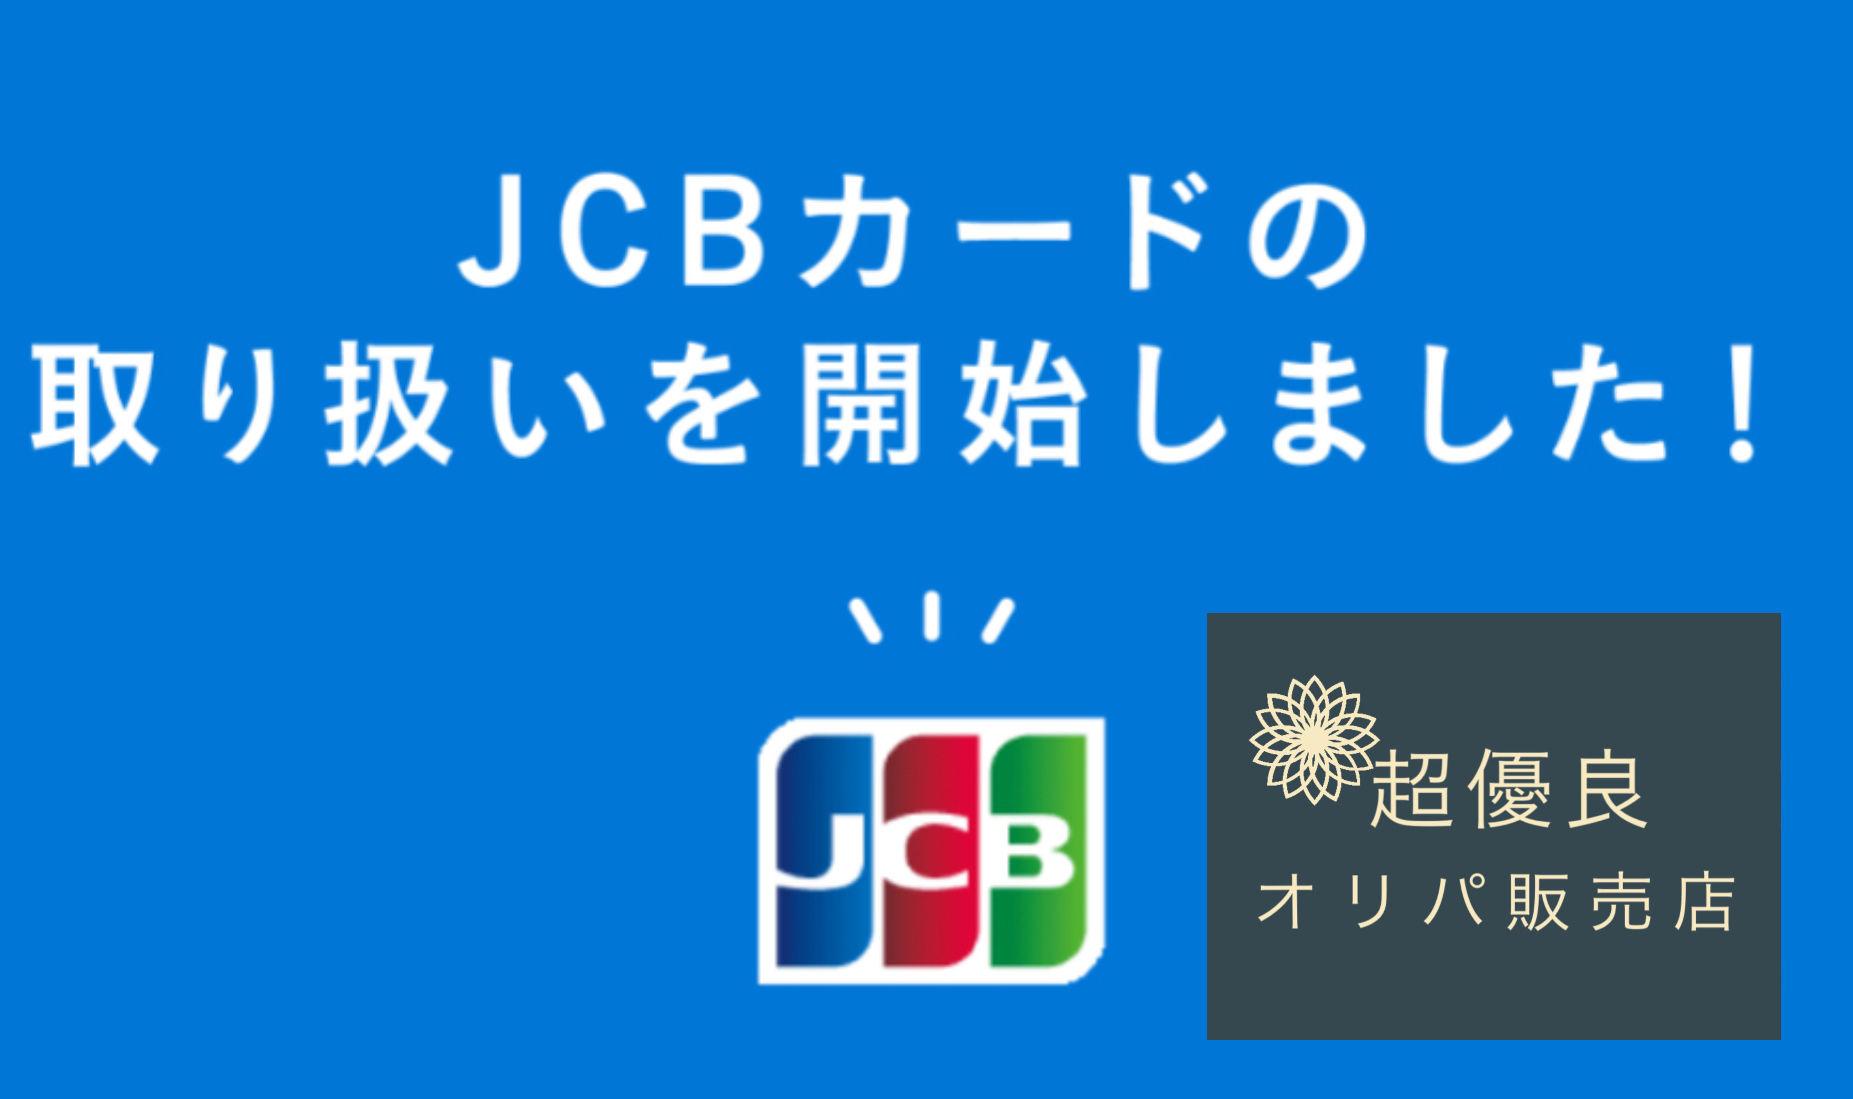 決済方法にJCBカード追加!